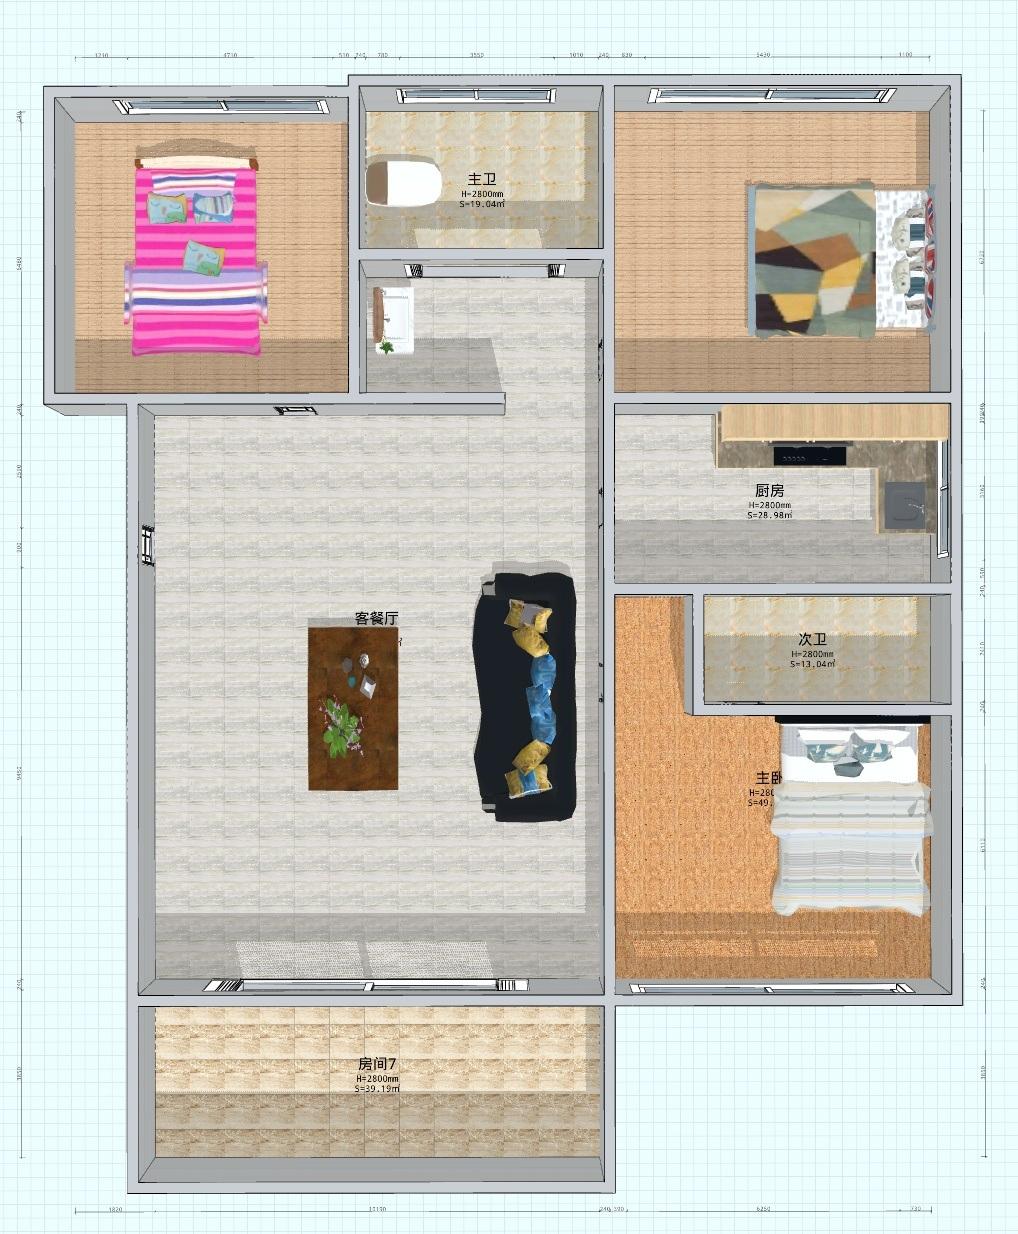 世茂国际广场 3室 2厅 2卫43万元